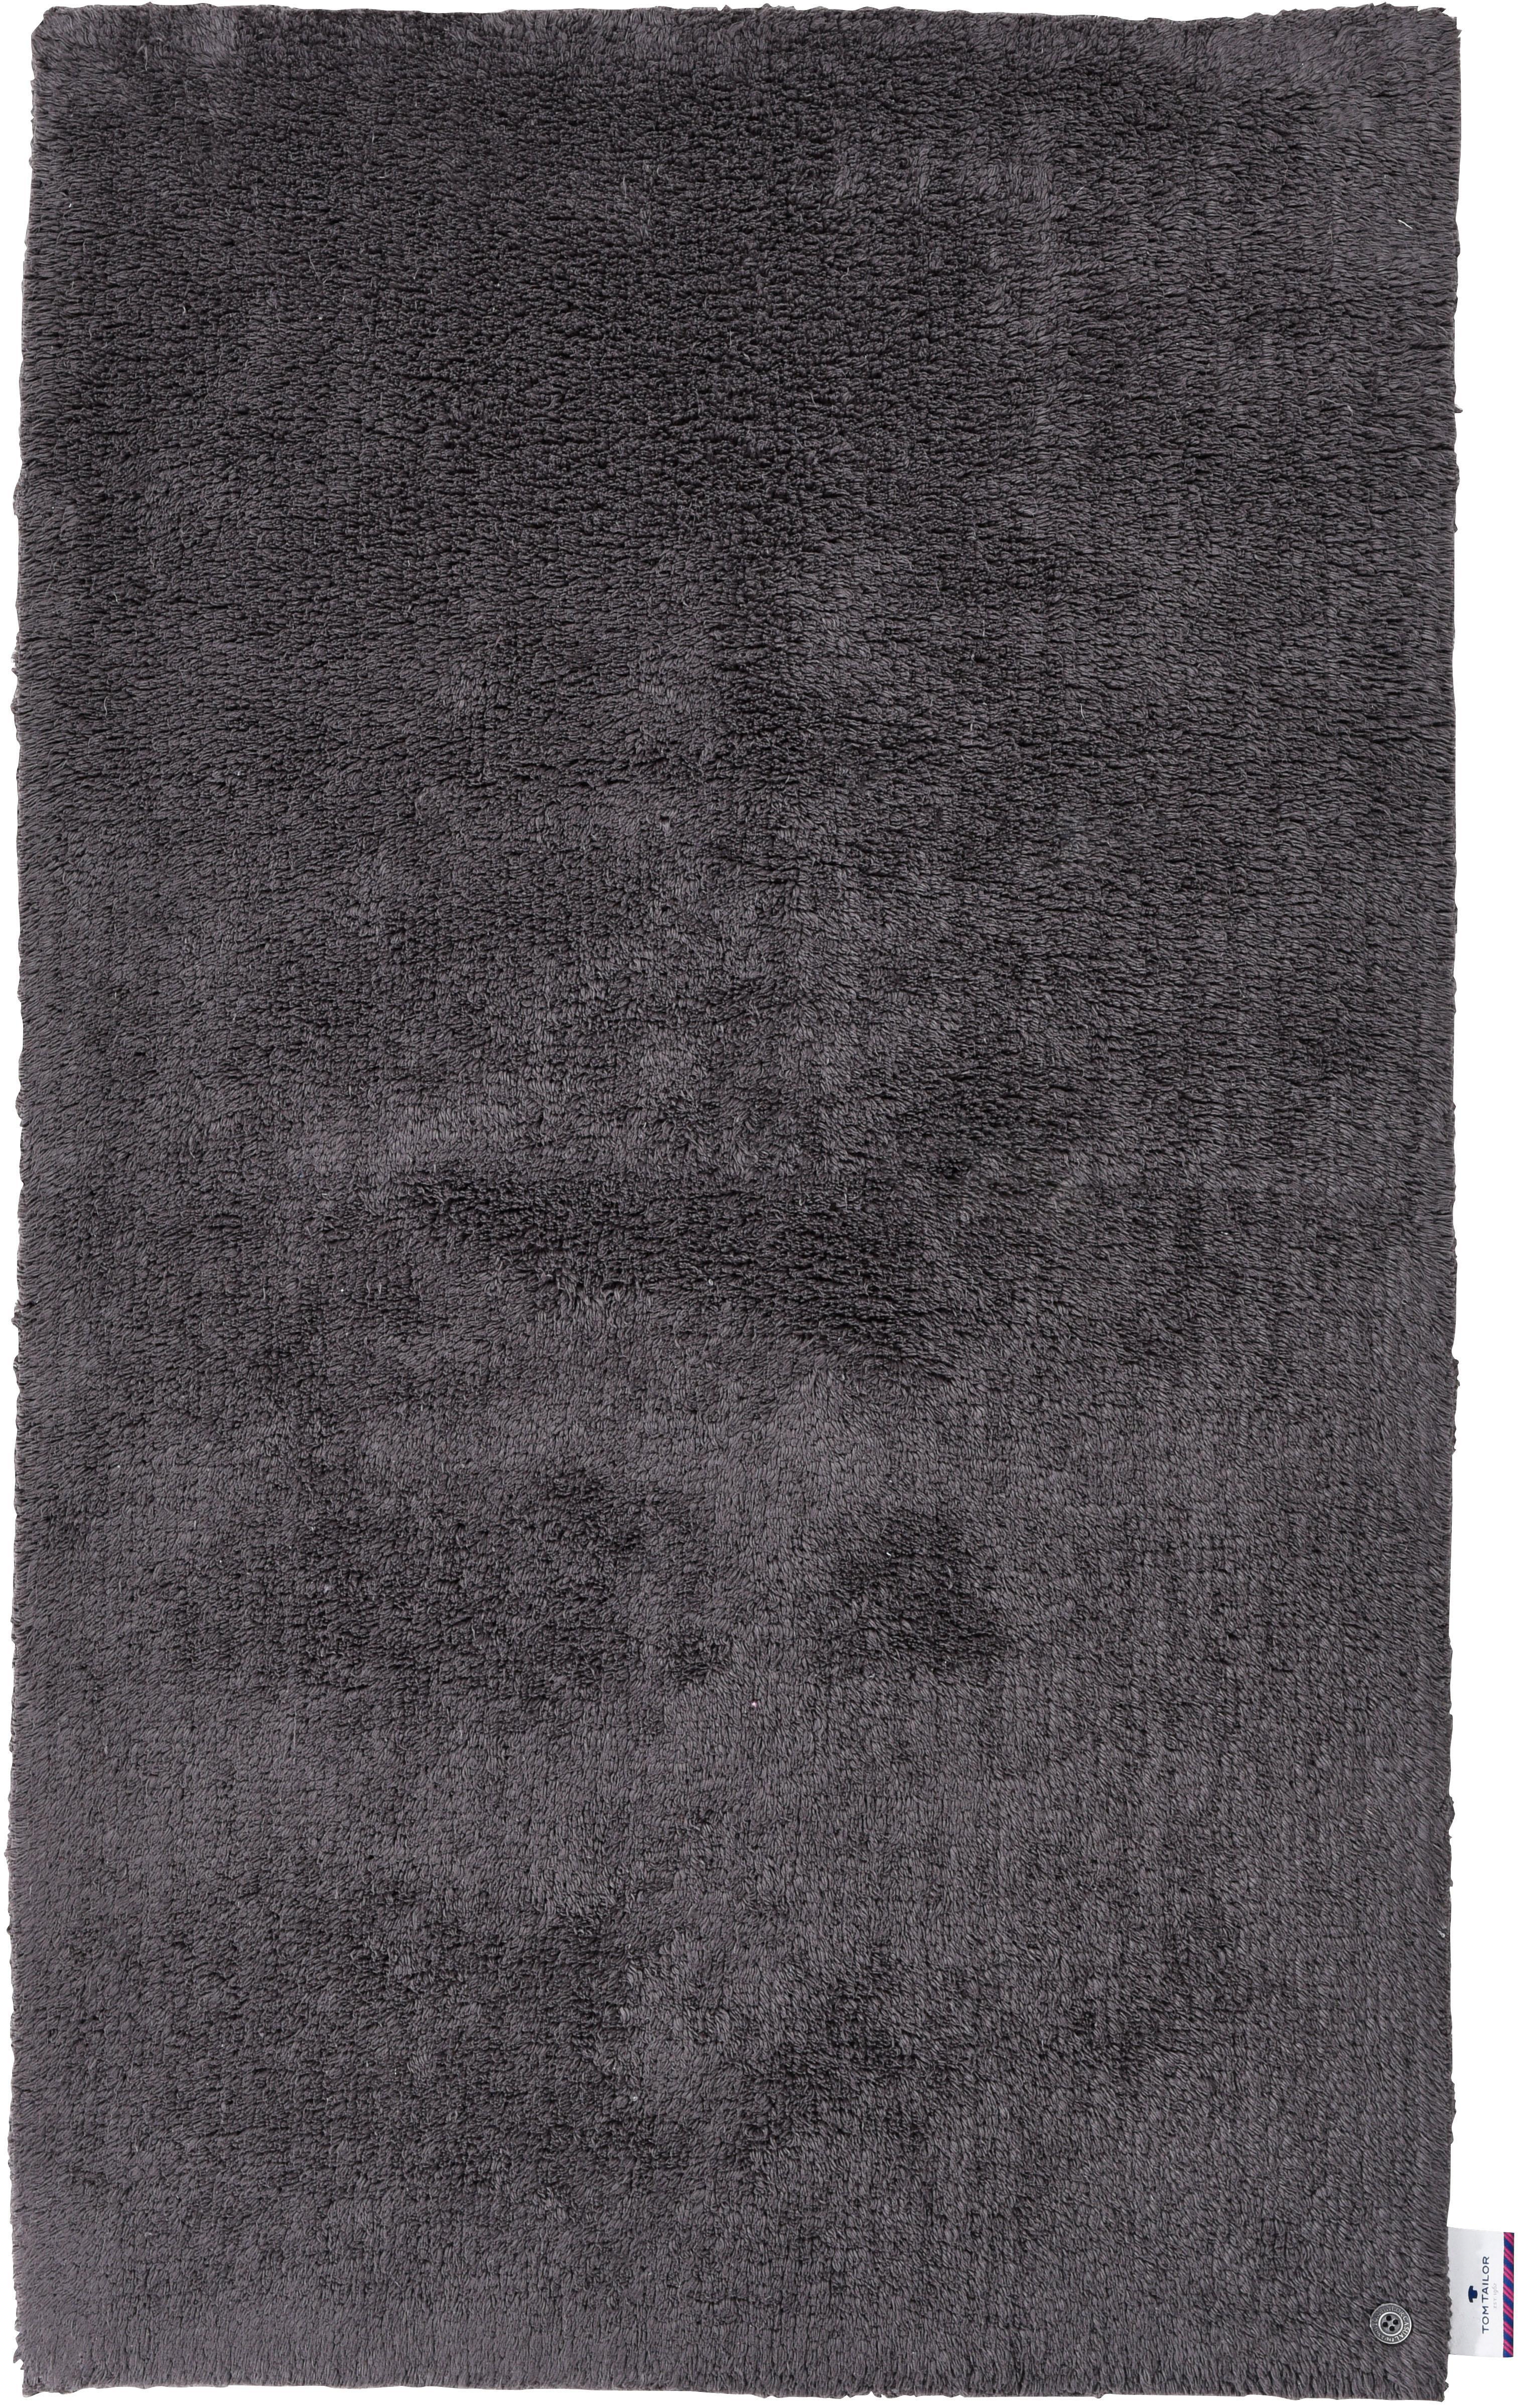 Badematte Cotton Double Uni TOM TAILOR Höhe 20 mm